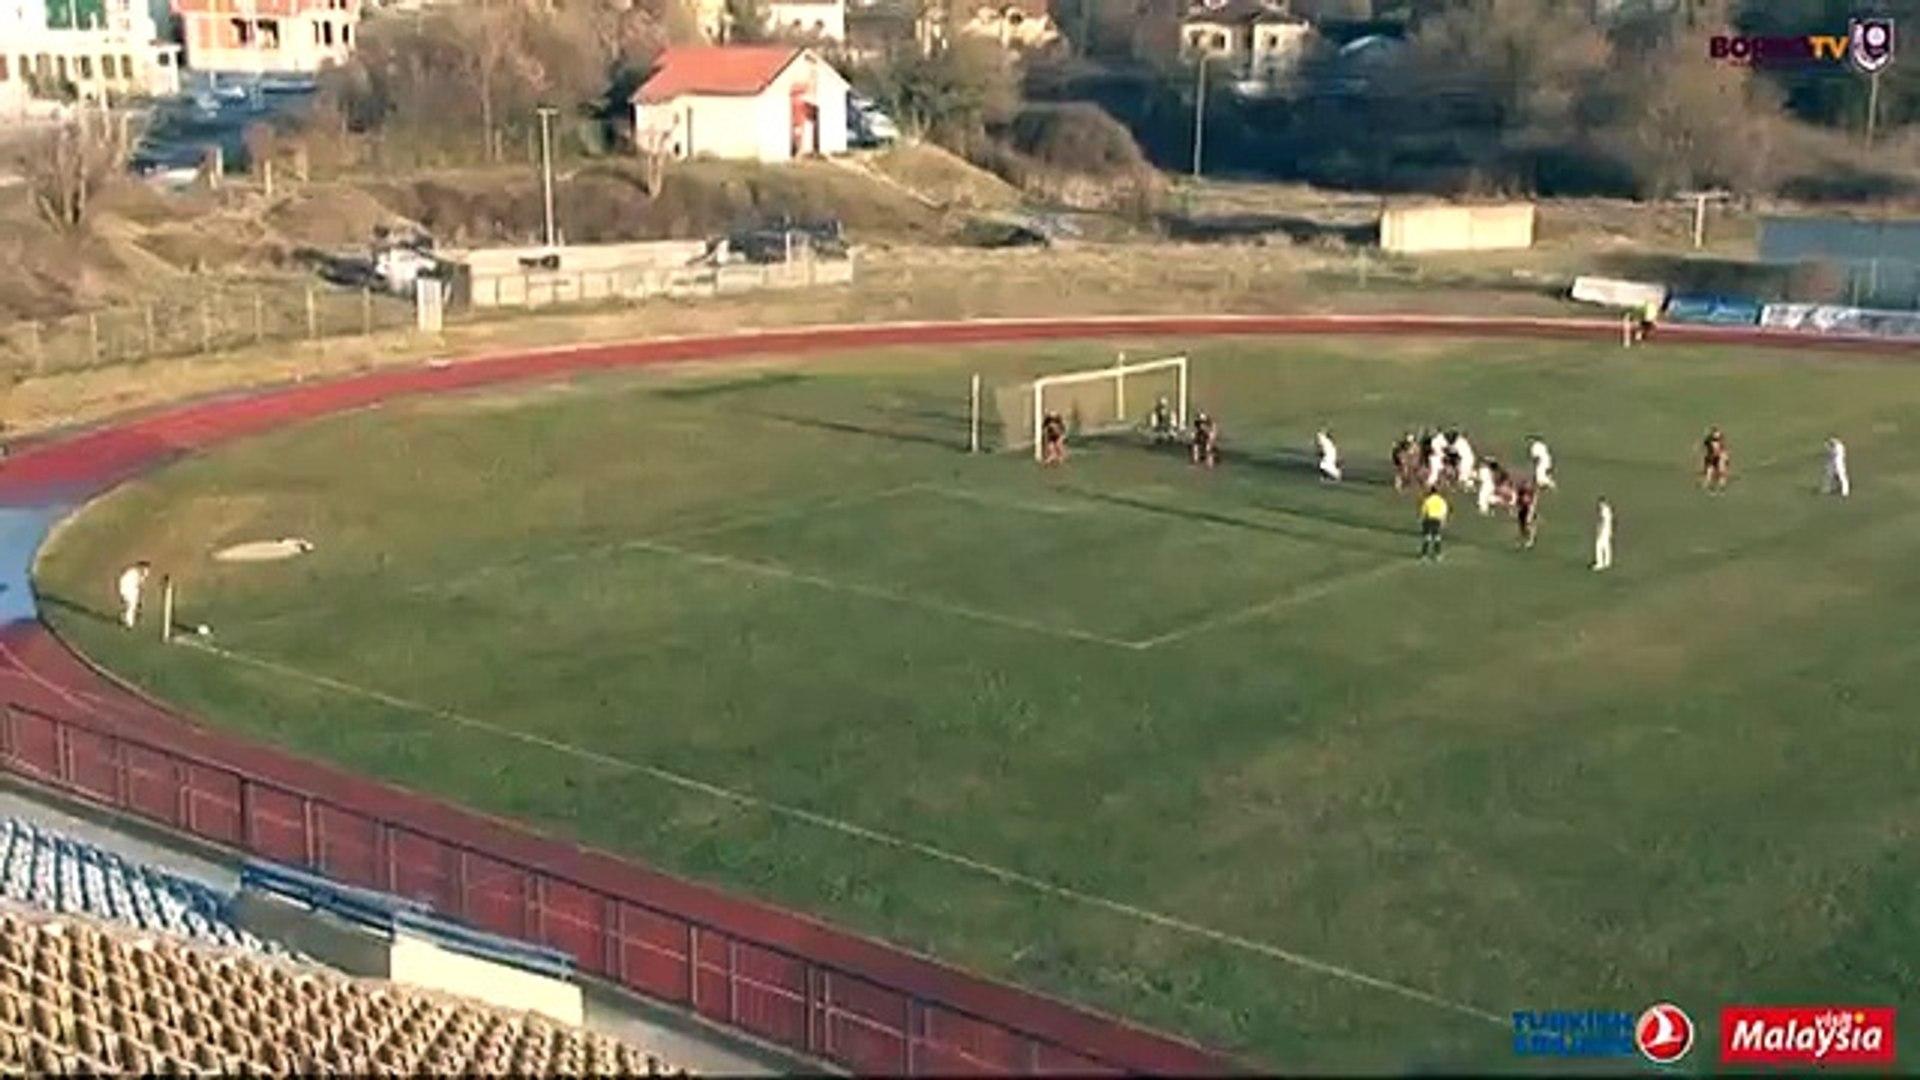 Golovi: FK Sarajevo 2:1 FK Sloboda (20.2.2015. Čitluk)